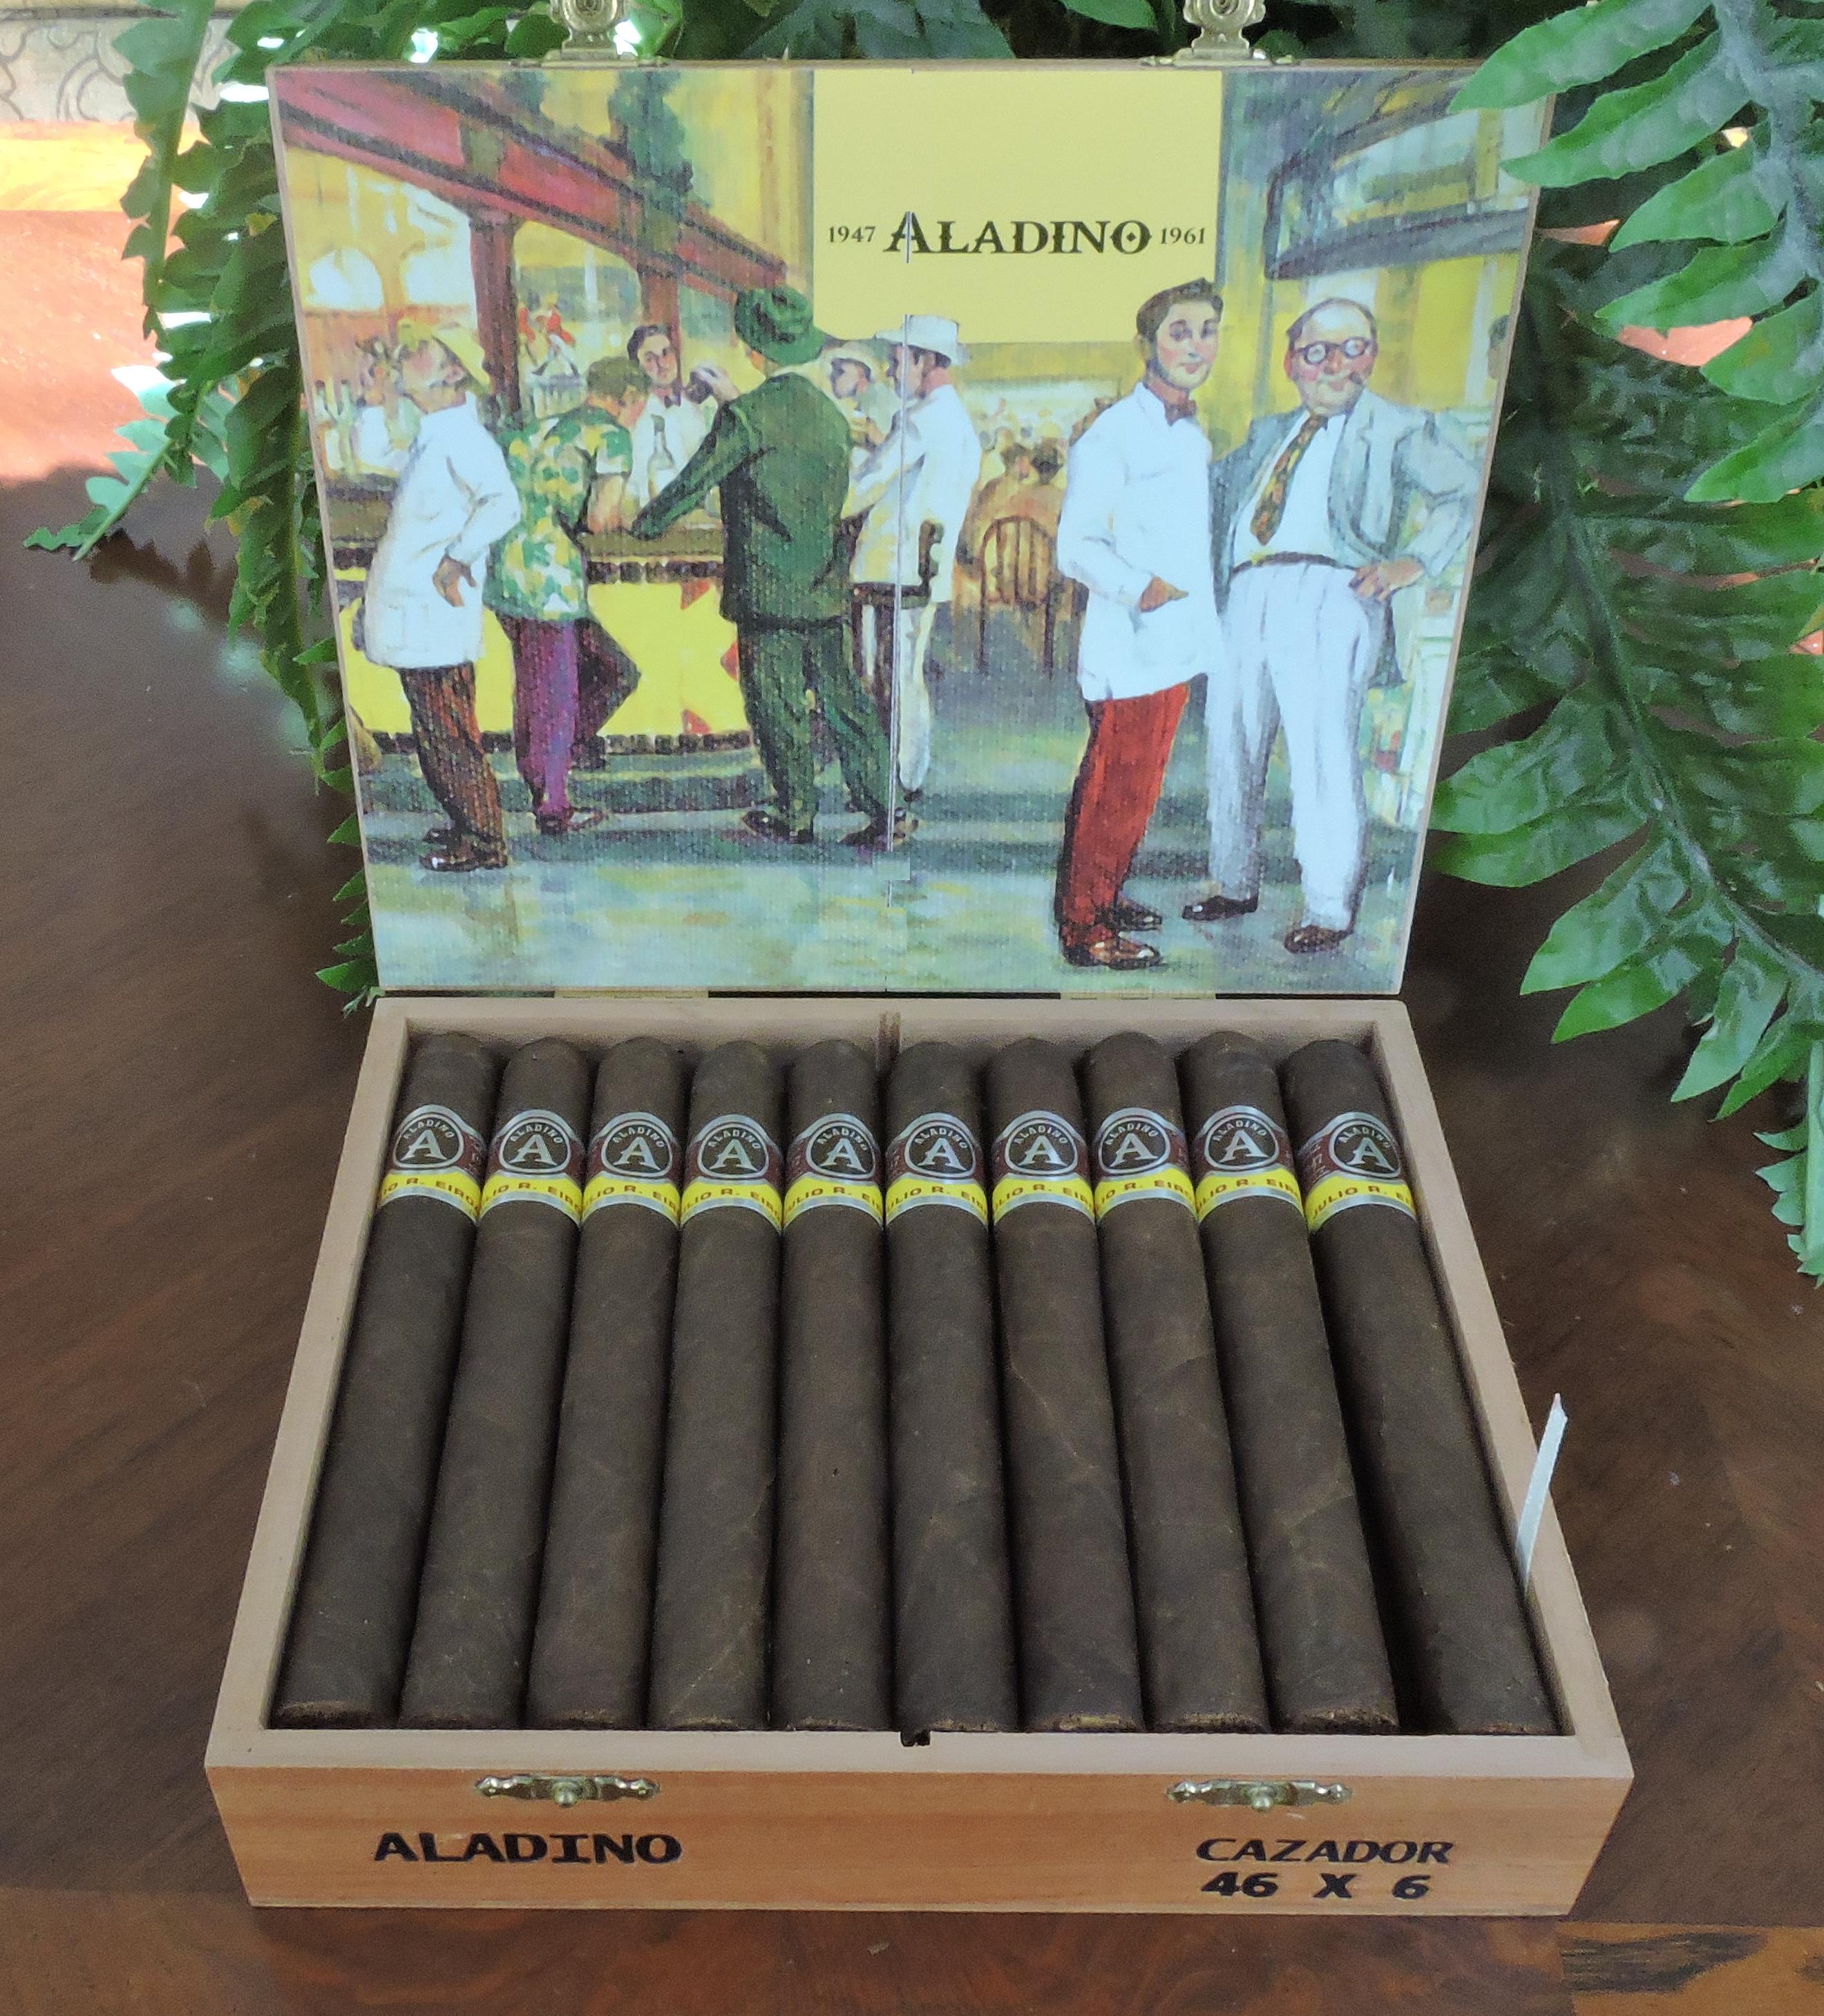 Aladino Maduro Cazador Open Box